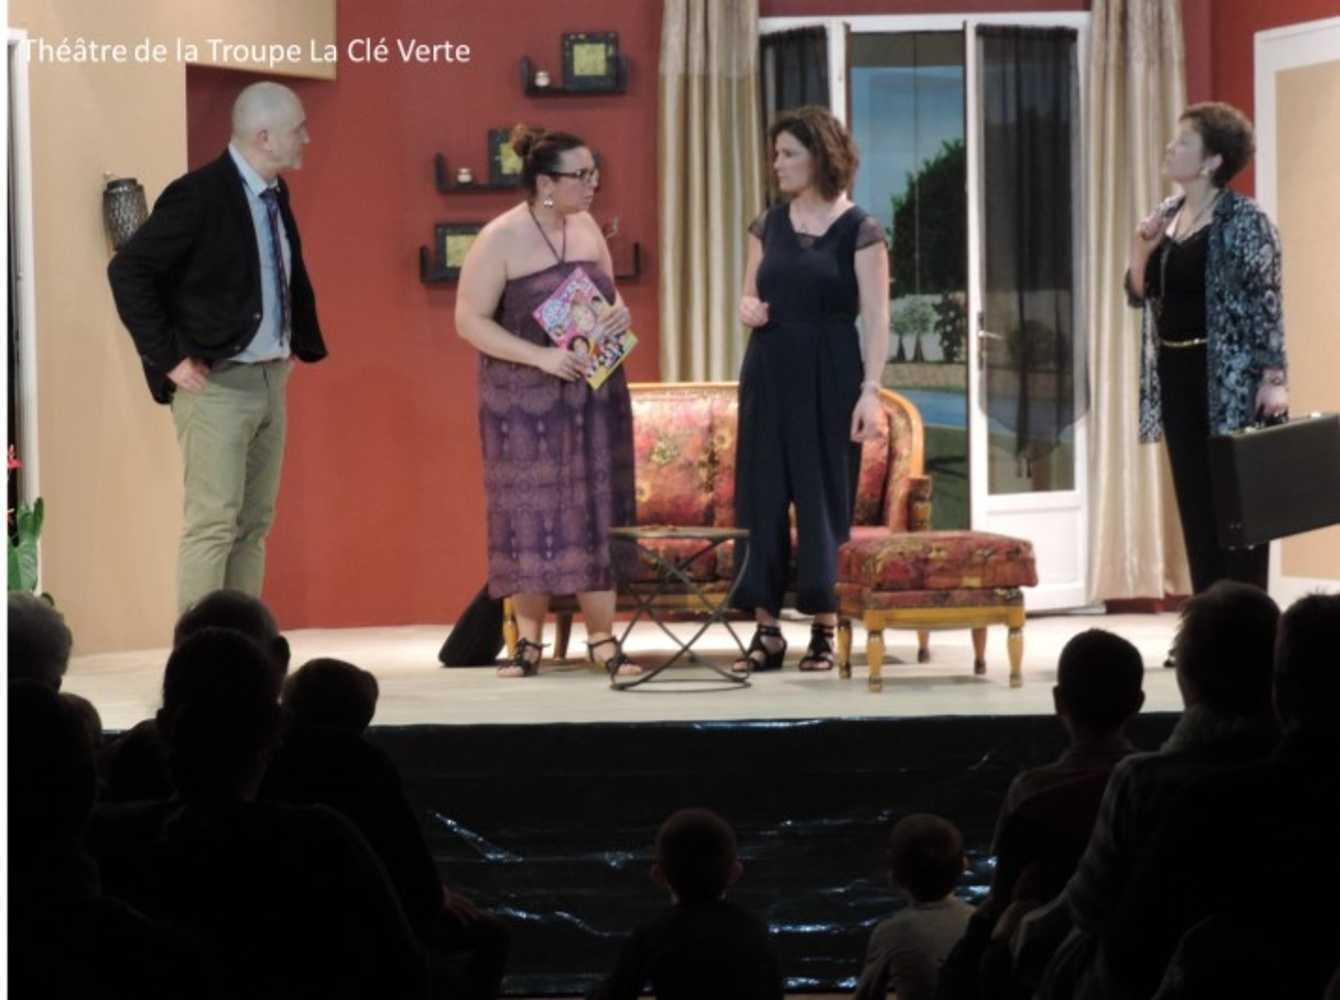 Troupe de théâtre la Clé Verte : photos des représentations image10